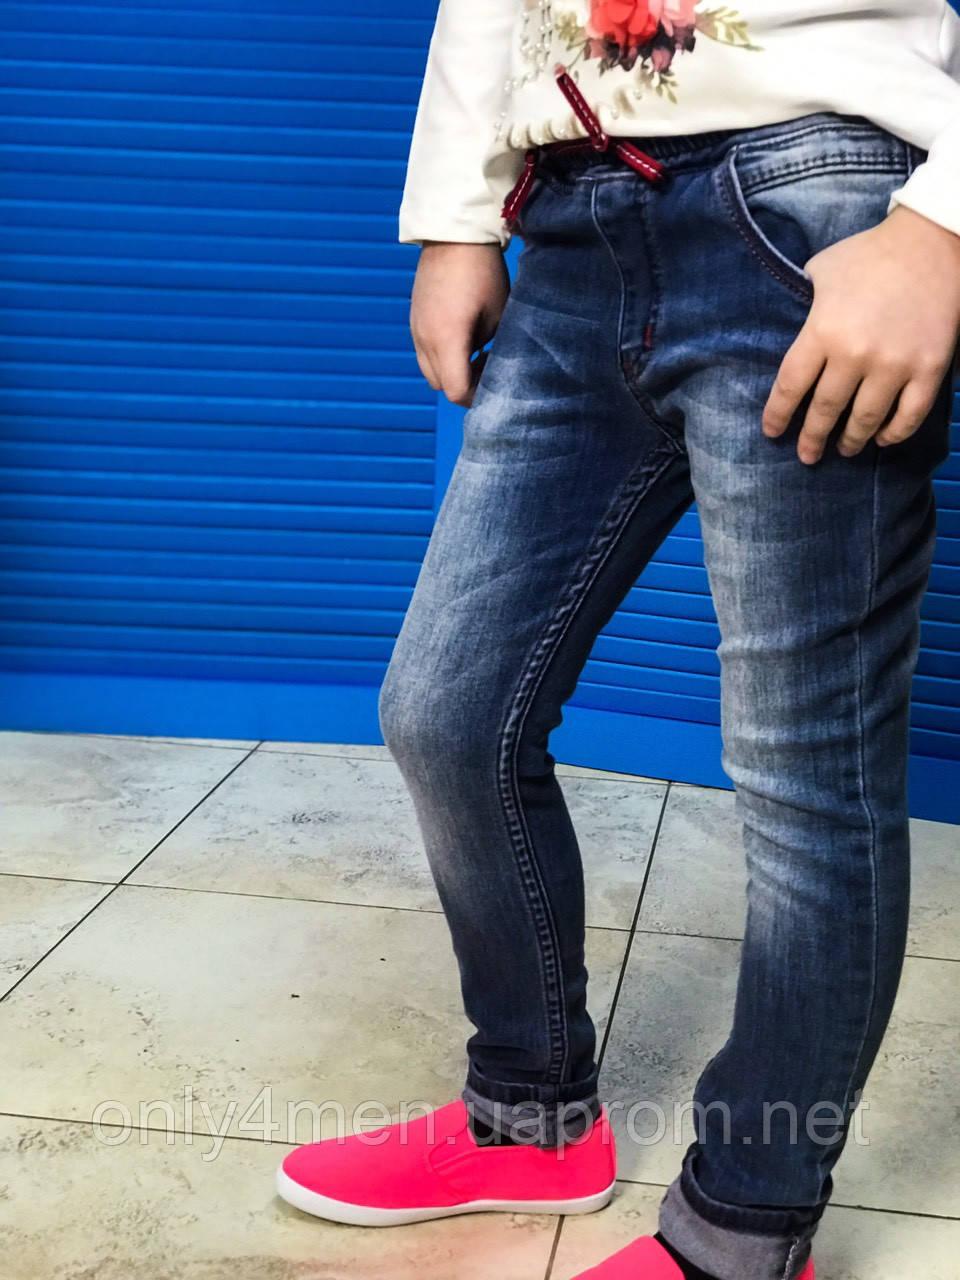 Джинсы на резинке, одежда для девочек 6-10 лет